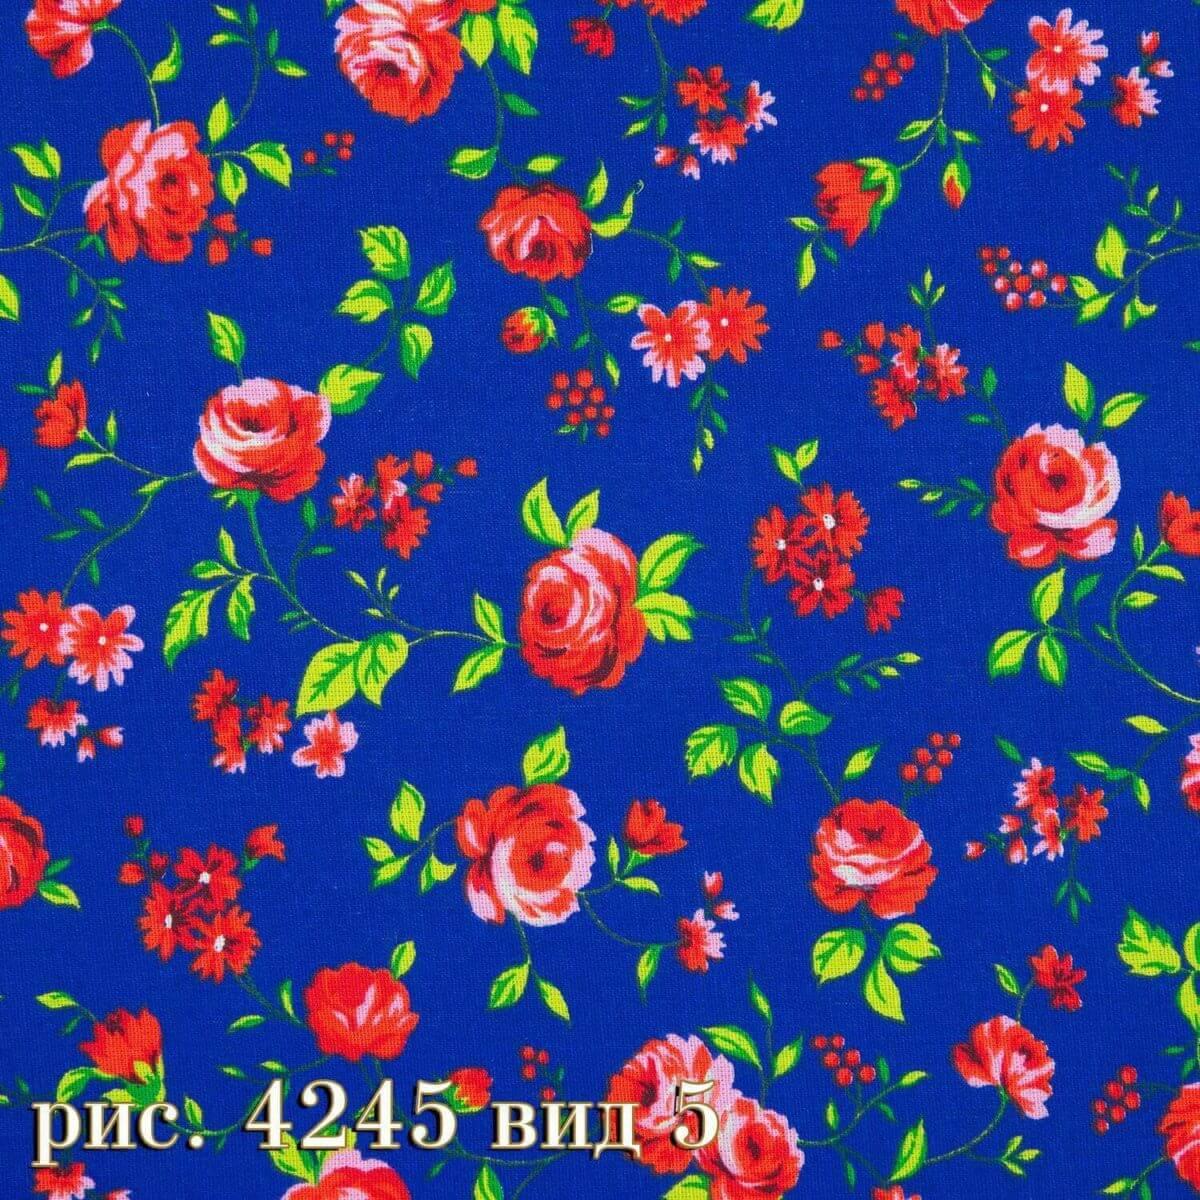 Фото 15 - Плательная ткань бязь 220 см (4245/7).